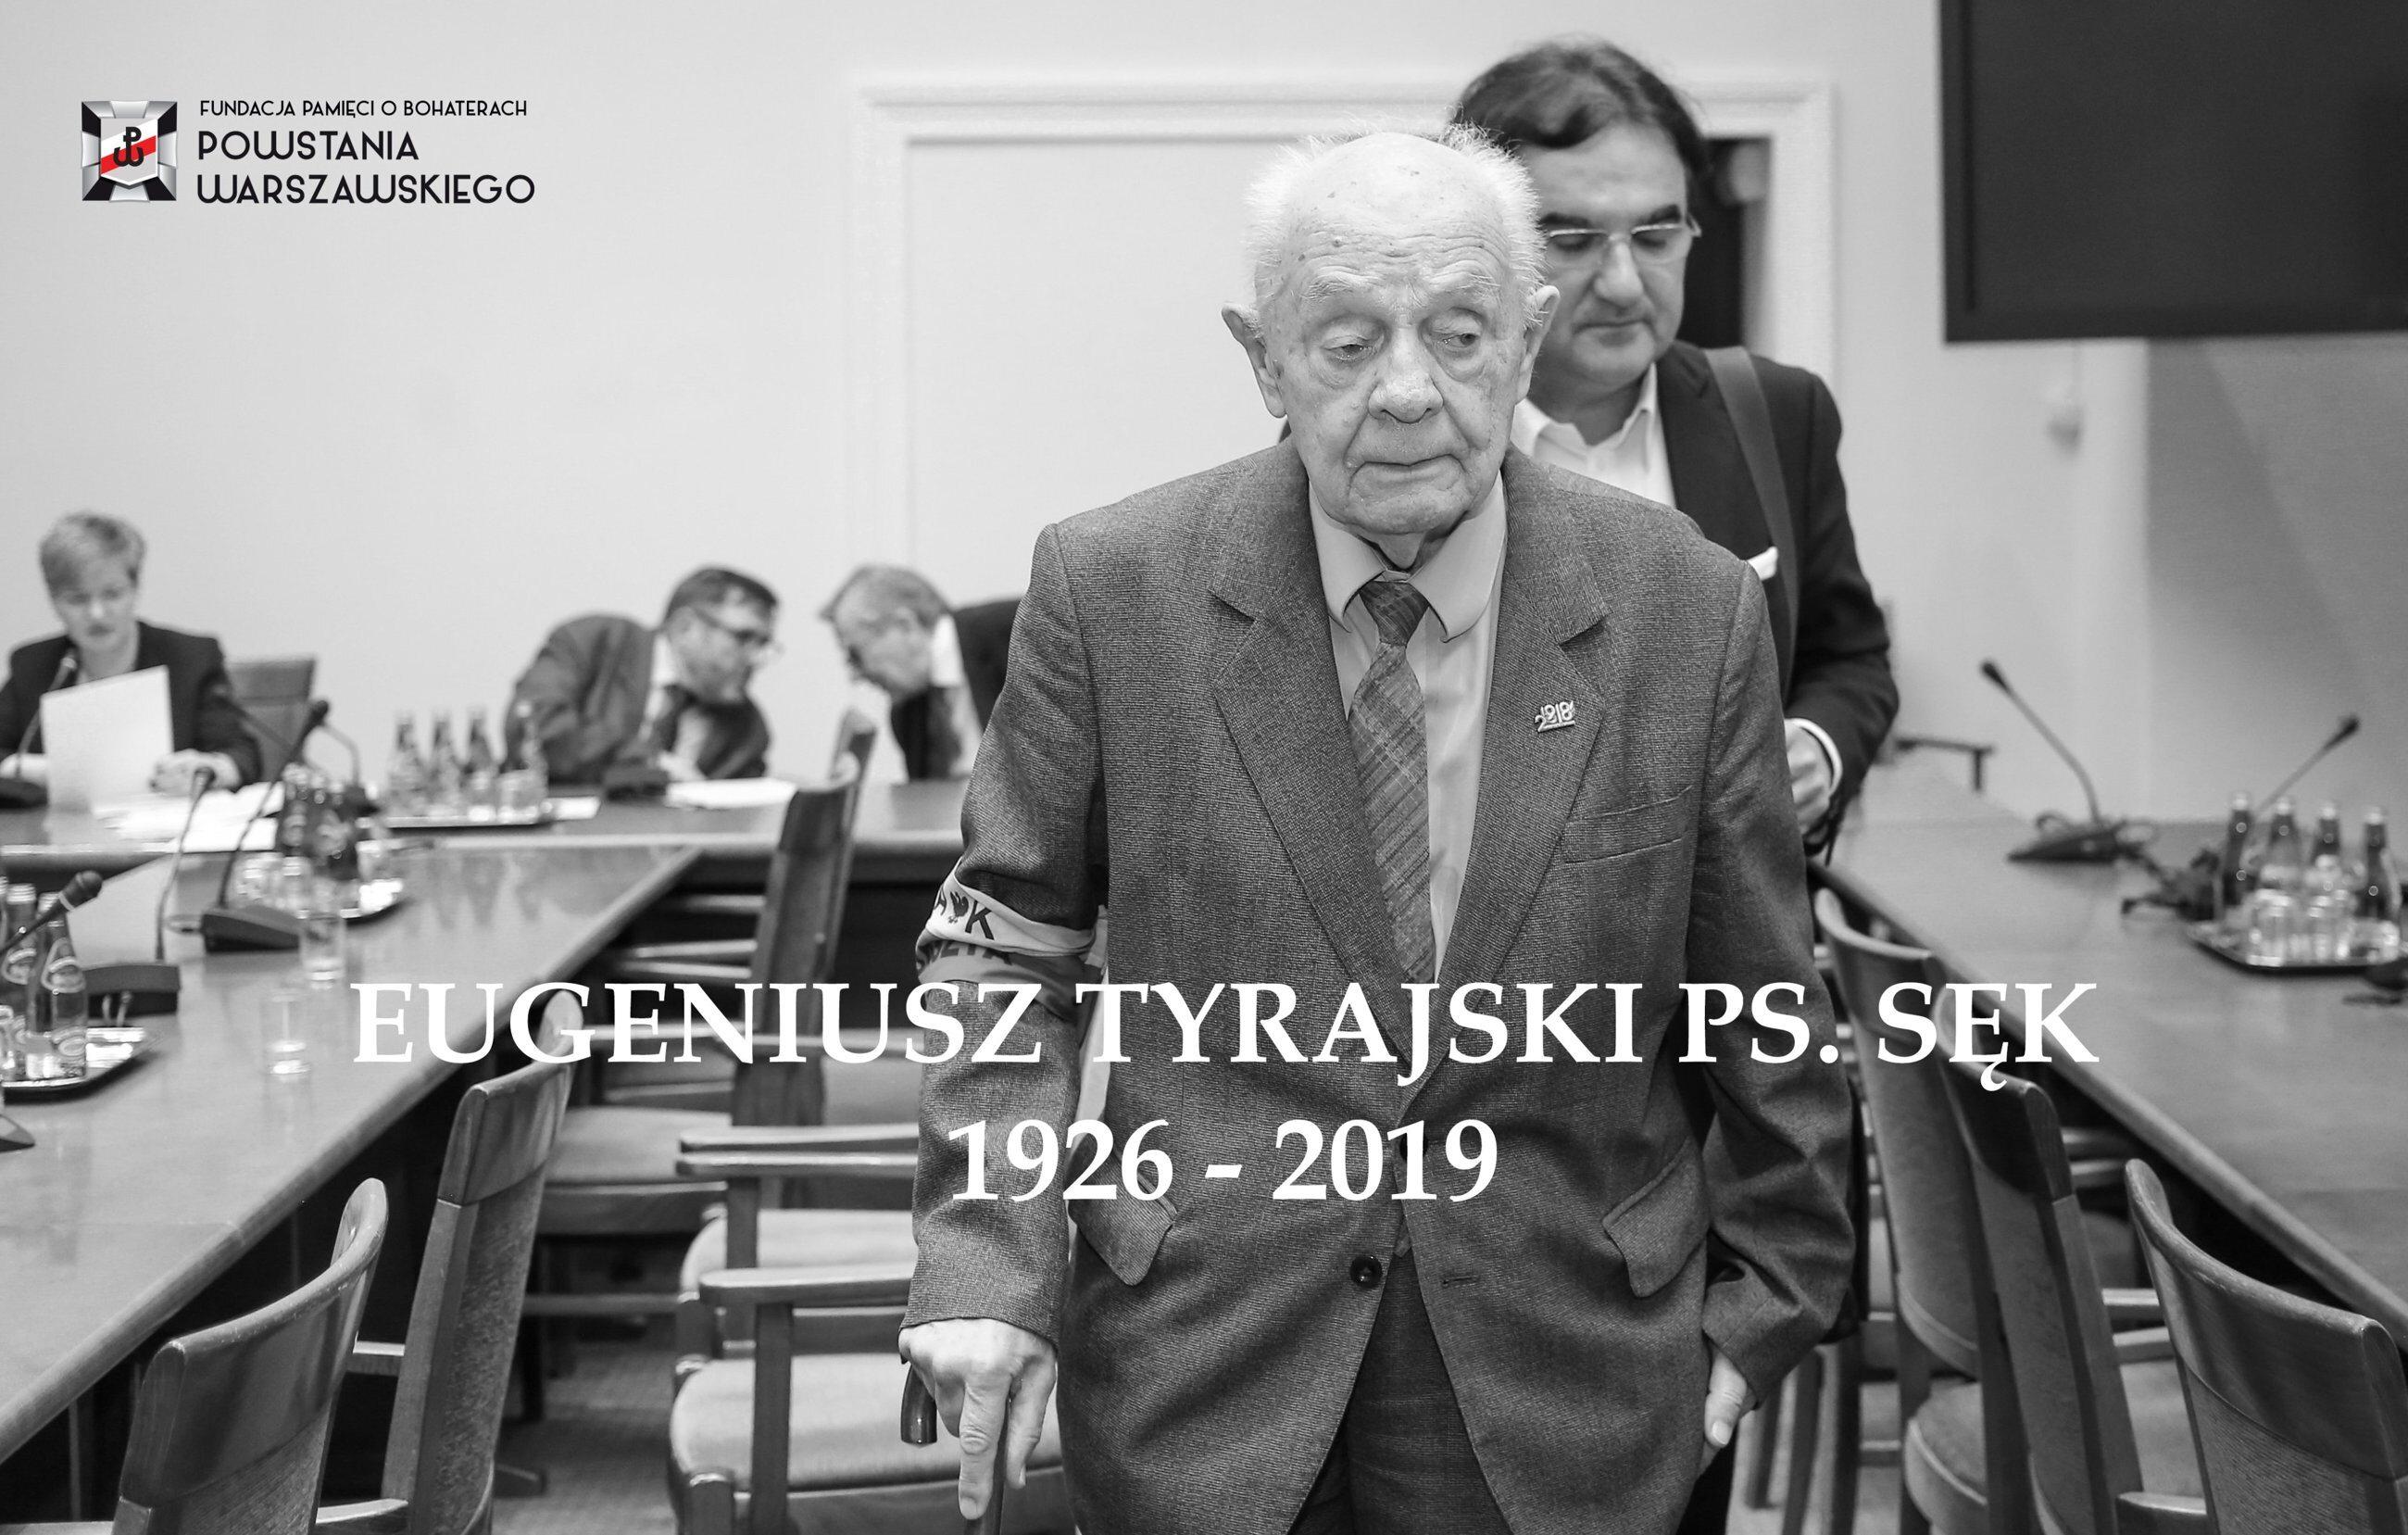 Eugeniusz Tyrajski ps. Sęk